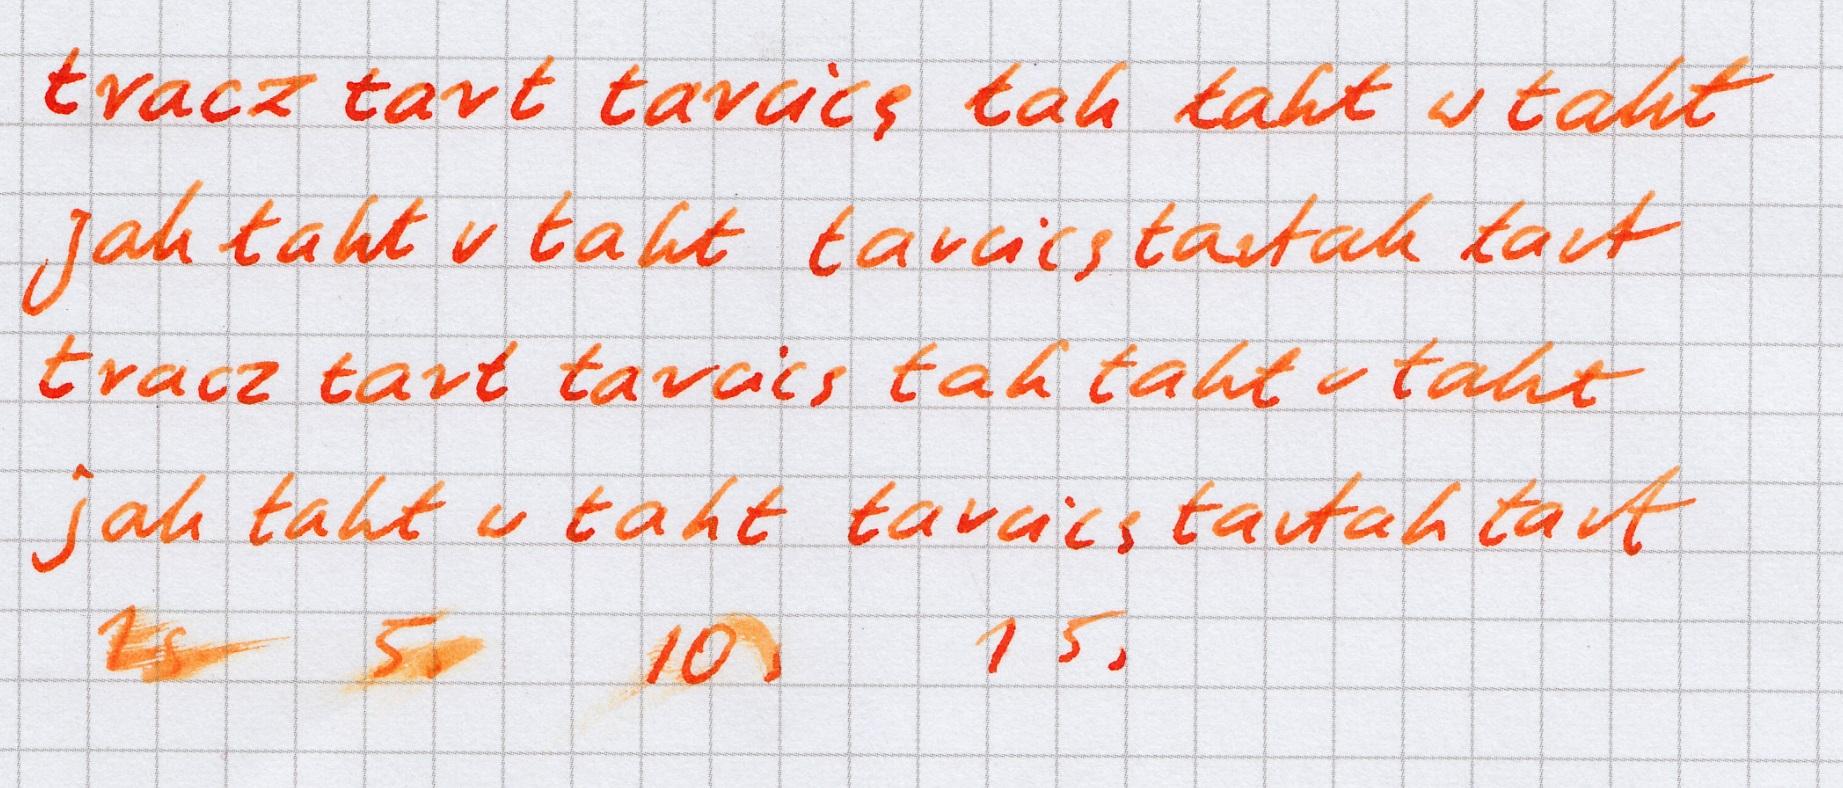 fpn_1501876618__burntorange_gvfc_nn.jpg